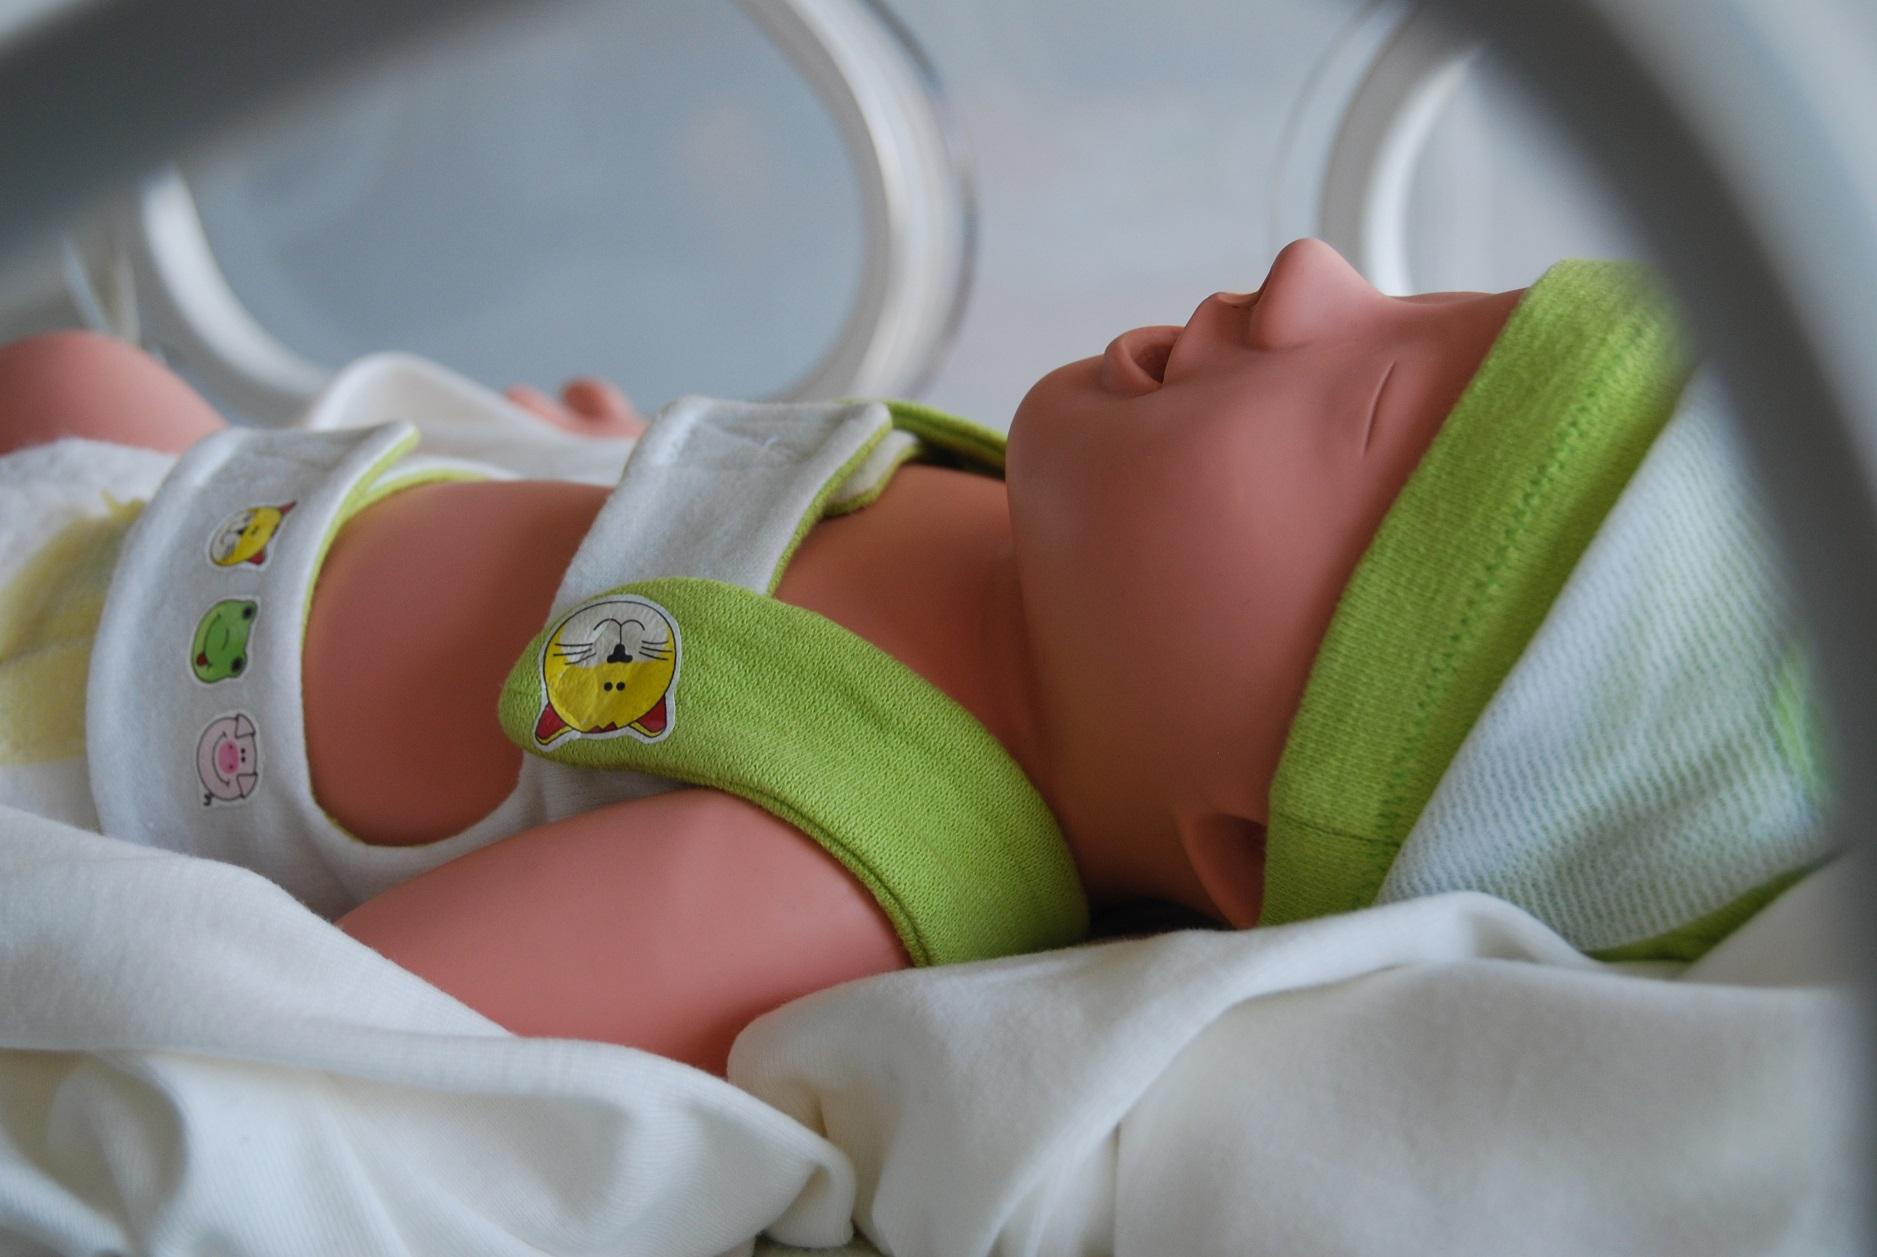 baby trendwatcher Smart-Jacket TU Eindhoven